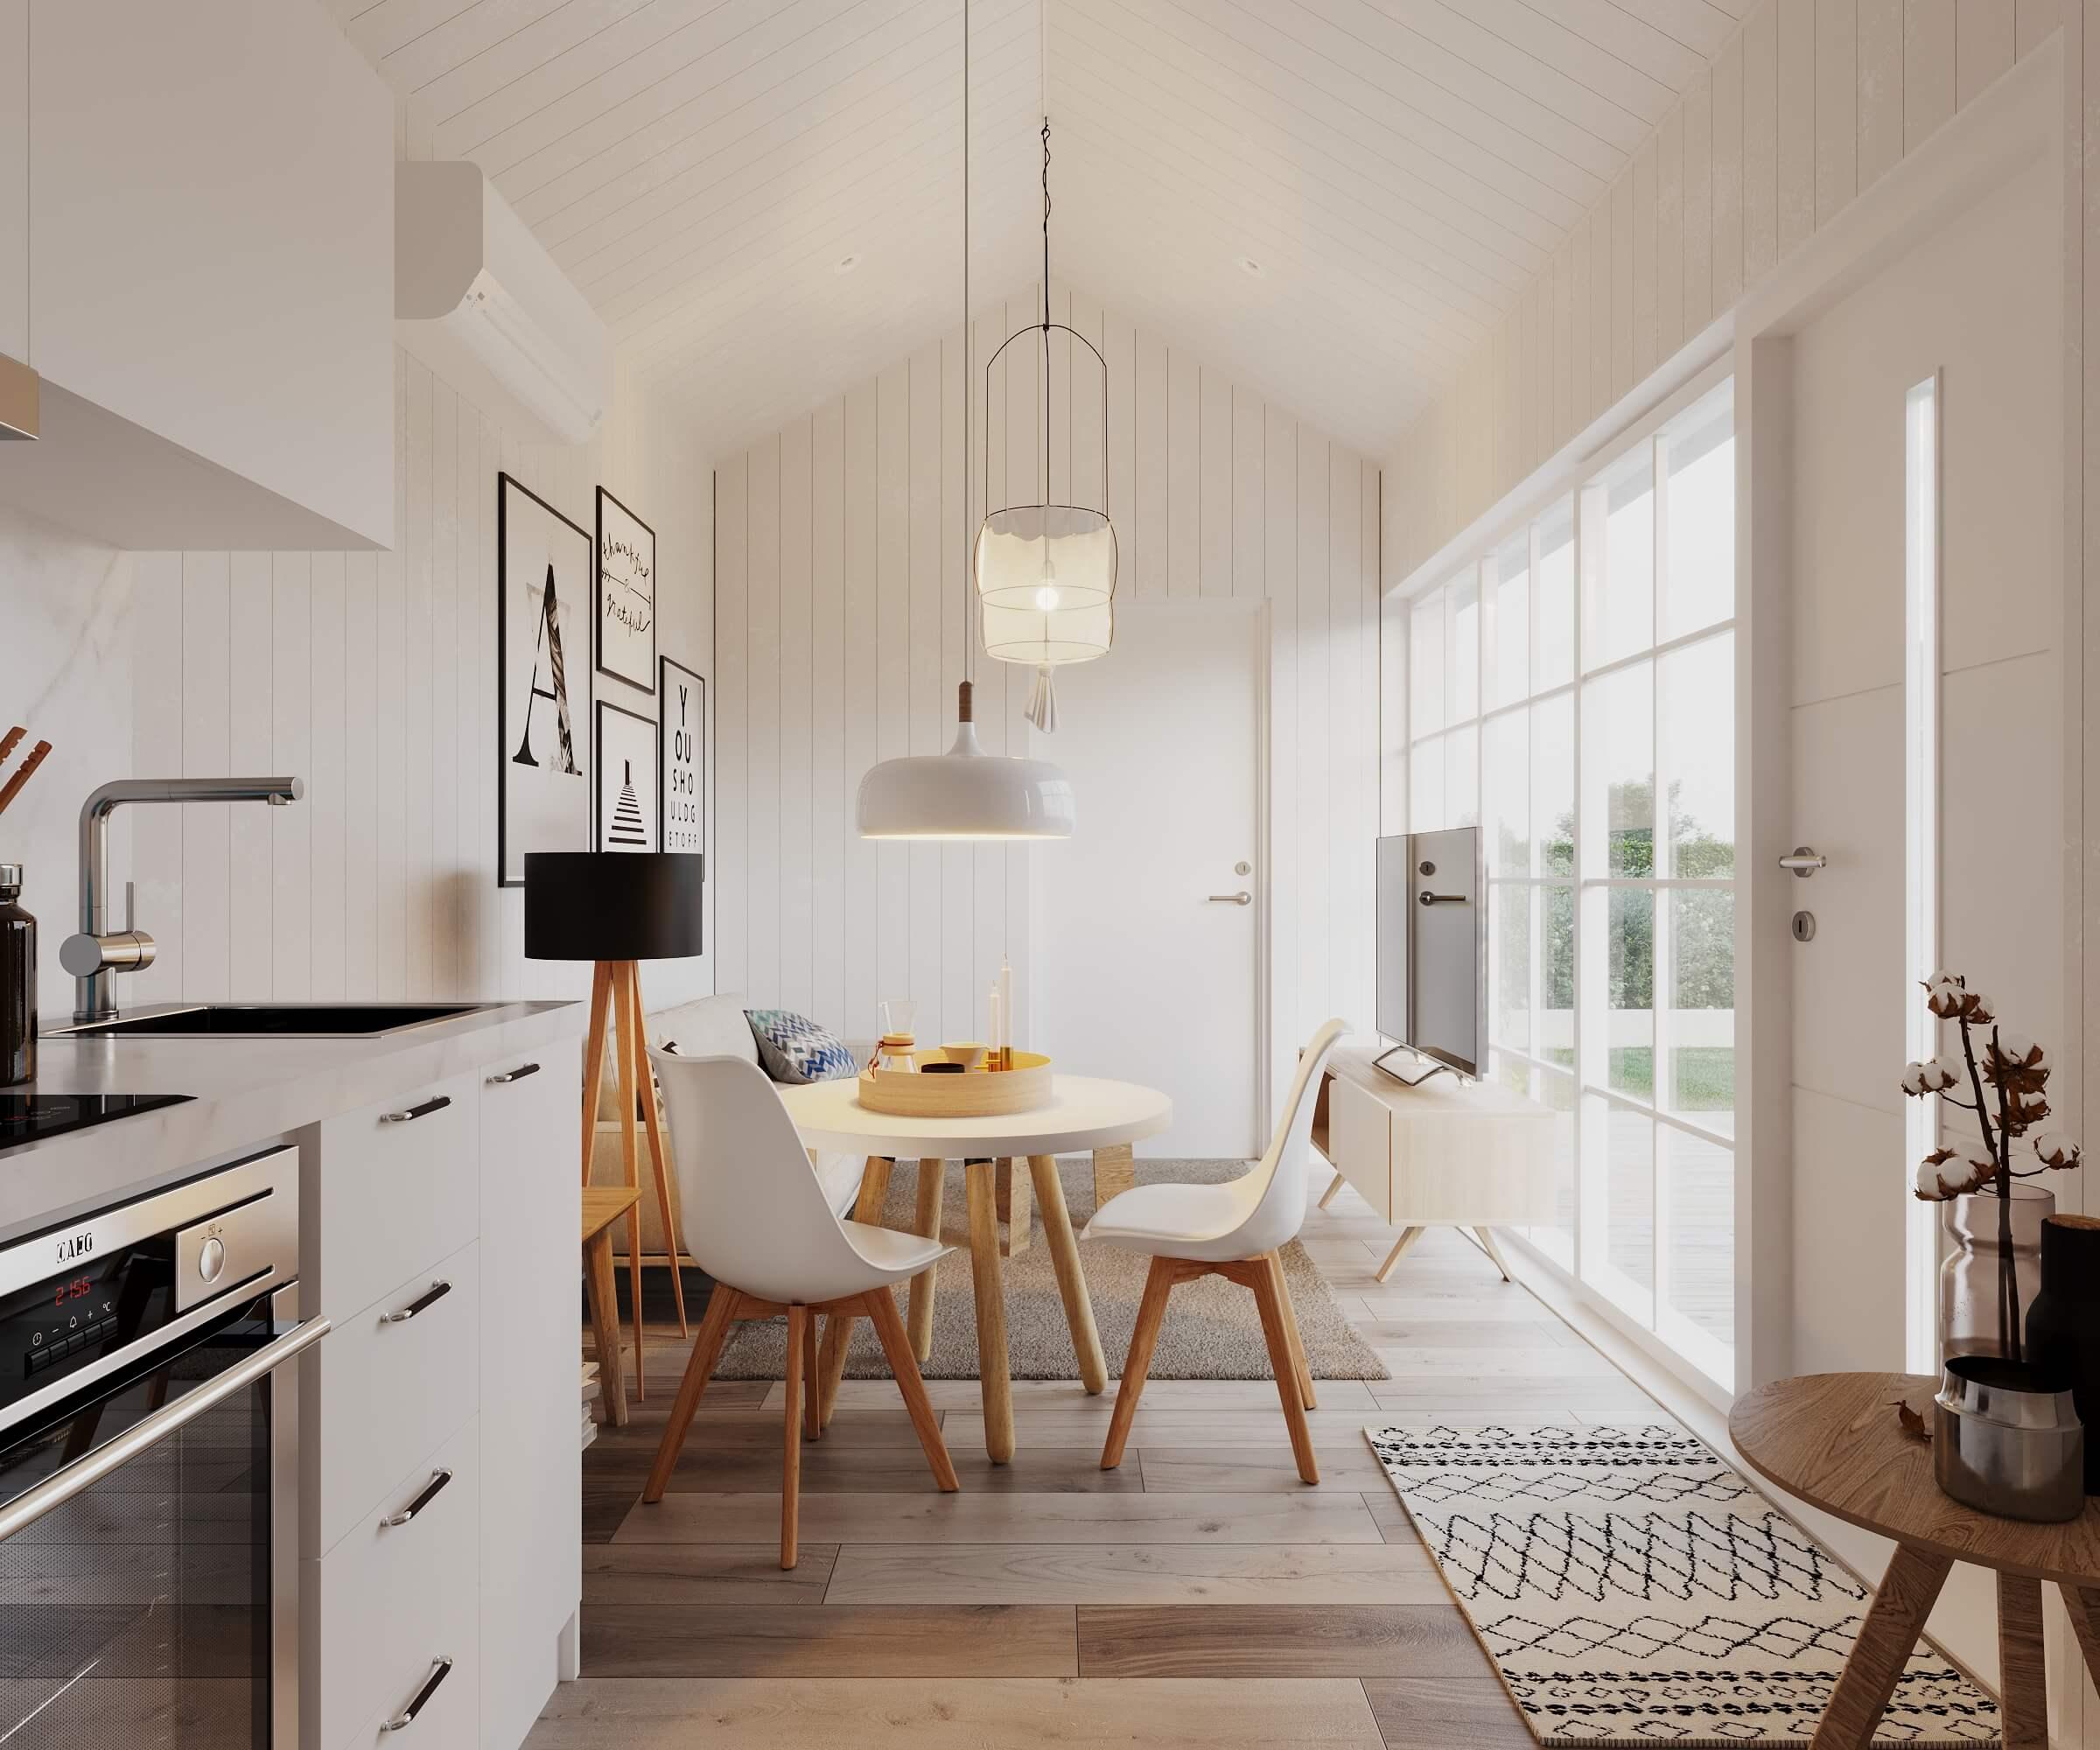 Vardagsrum med soffa, soffbord och tv stående på tv-bänk i attefallshus med klassiskt sadeltak